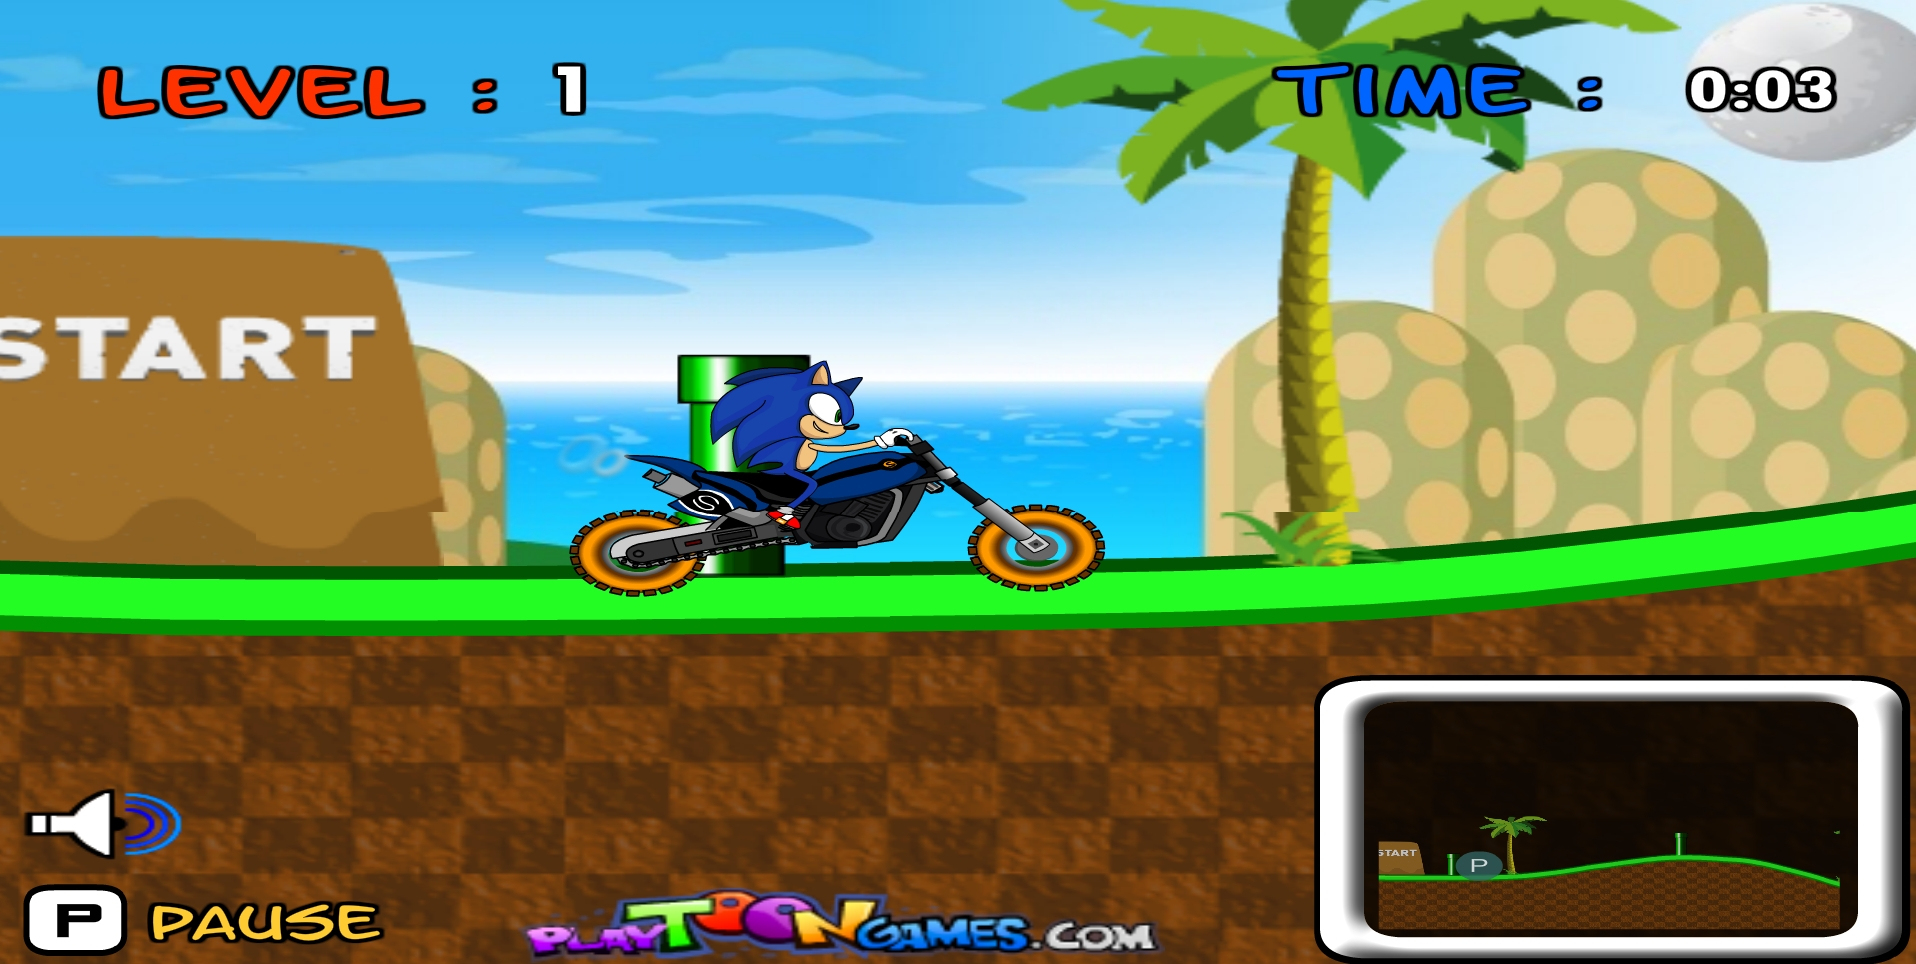 Jeu Moto Mario Vs Sonic Gratuit En Ligne tout Jeux Moto En Ligne Gratuit